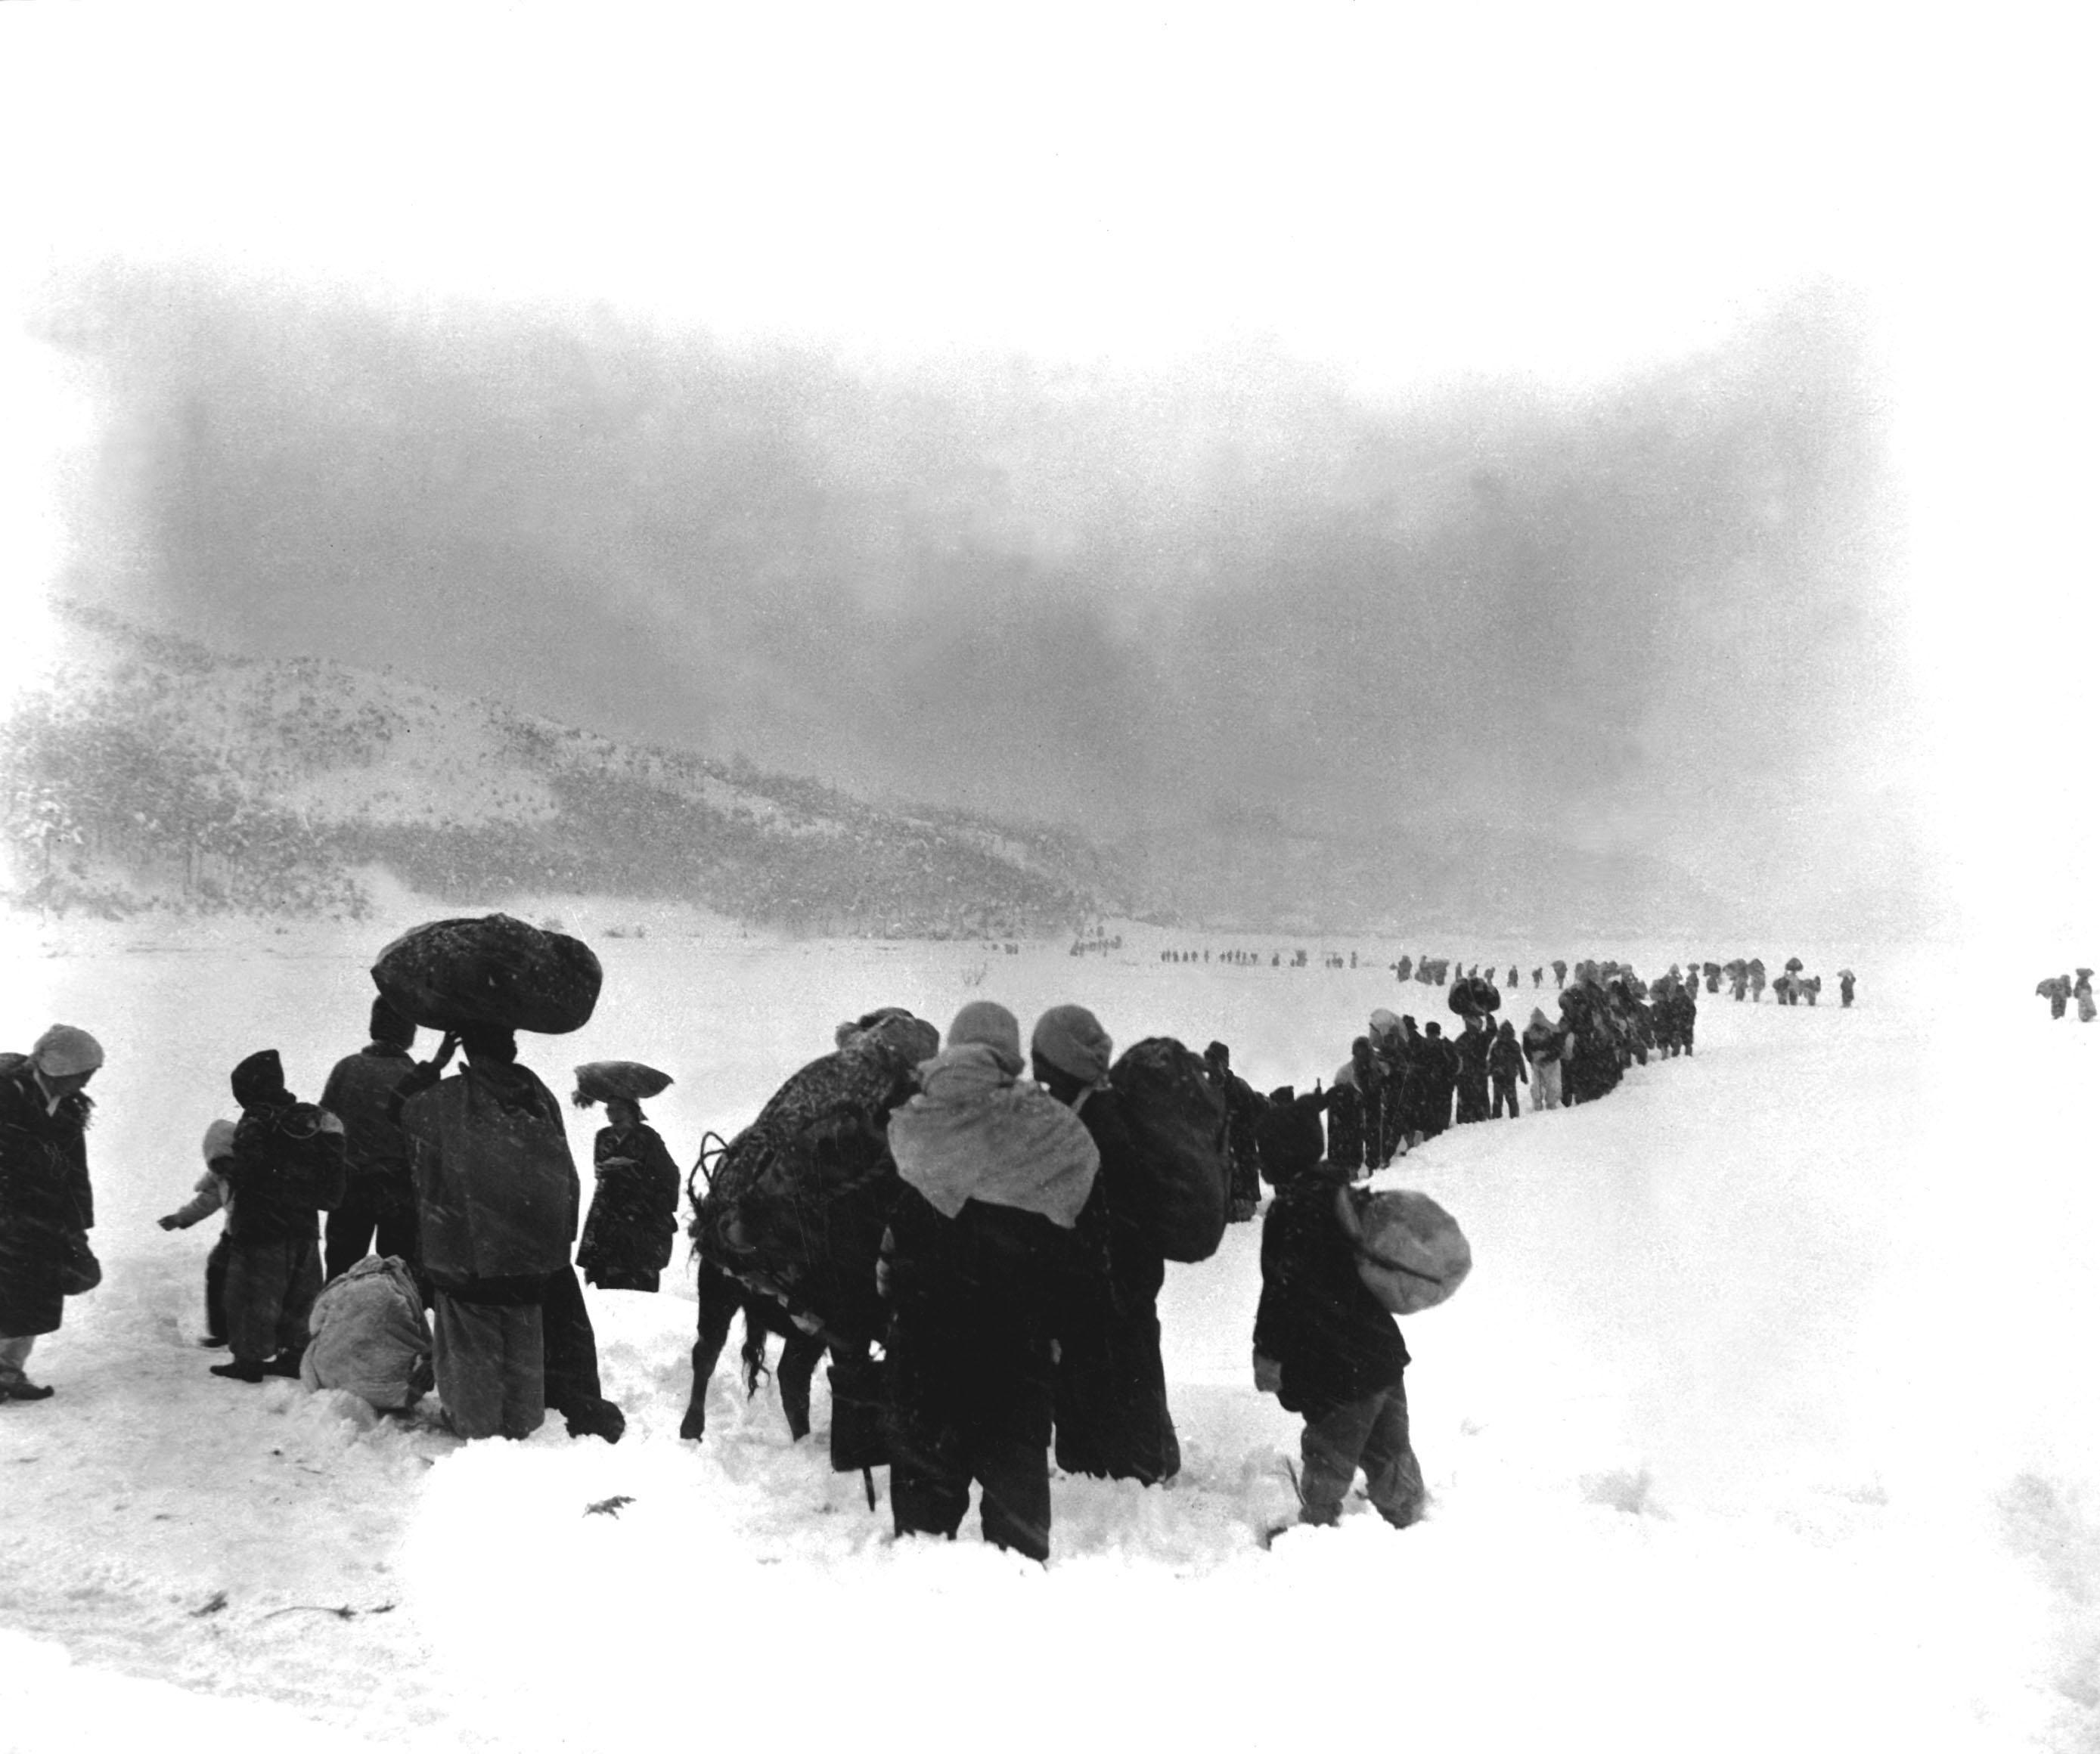 نازحون أثناء الحرب الكورية